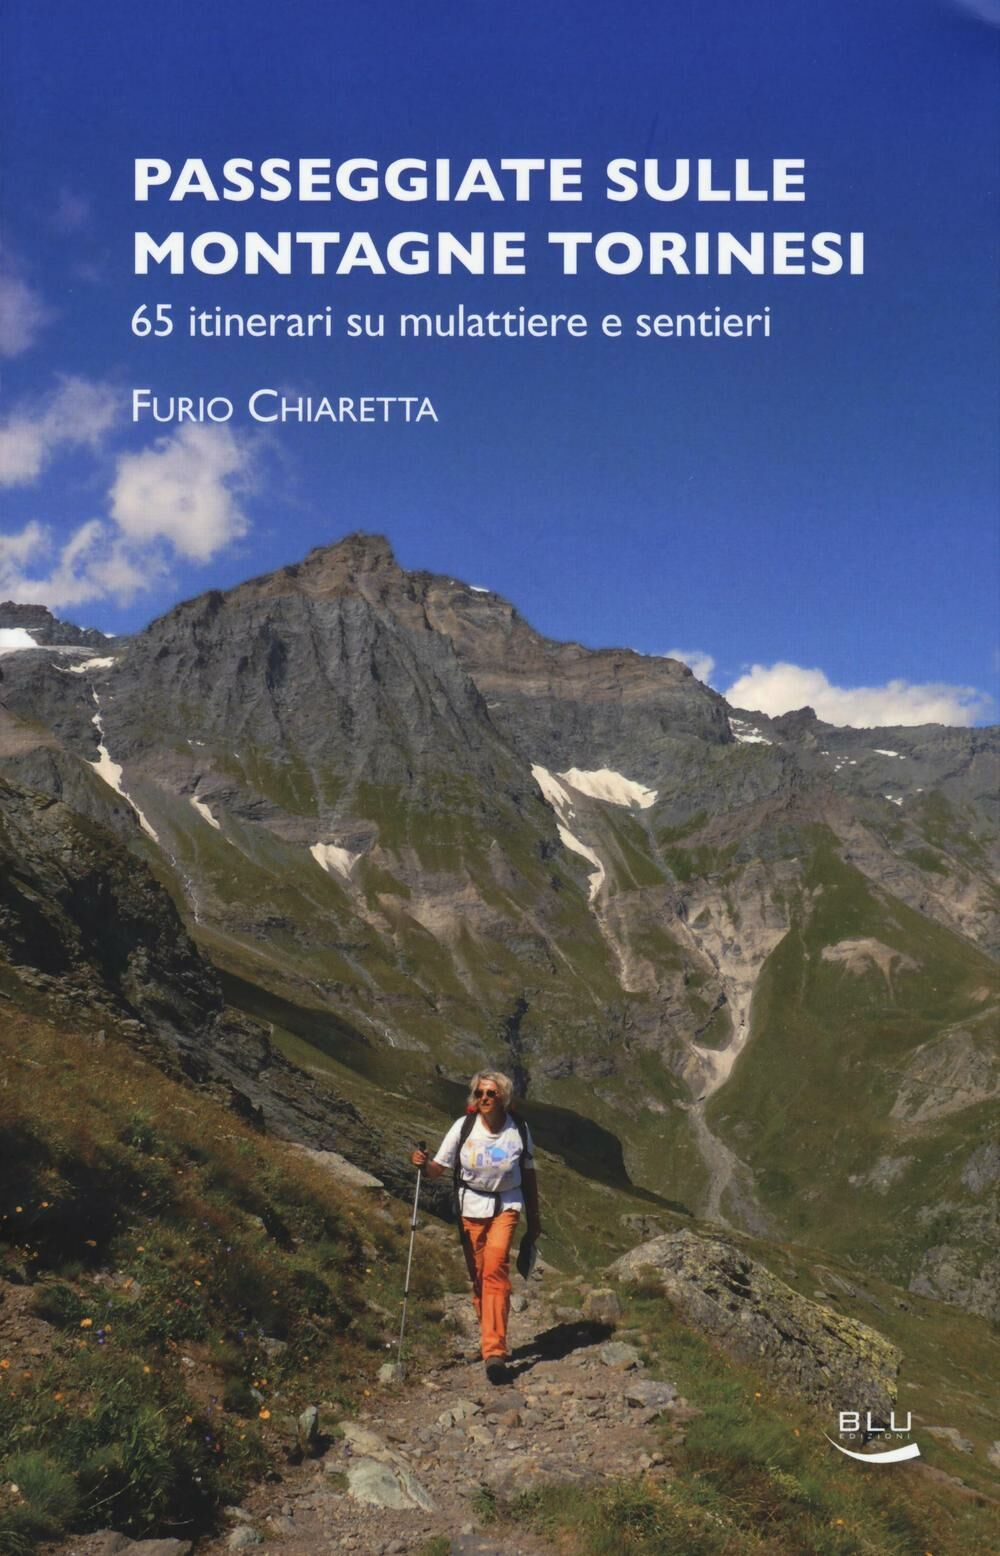 Passeggiate sulle montagne torinesi. 65 itinerari su mulattiere e sentieri